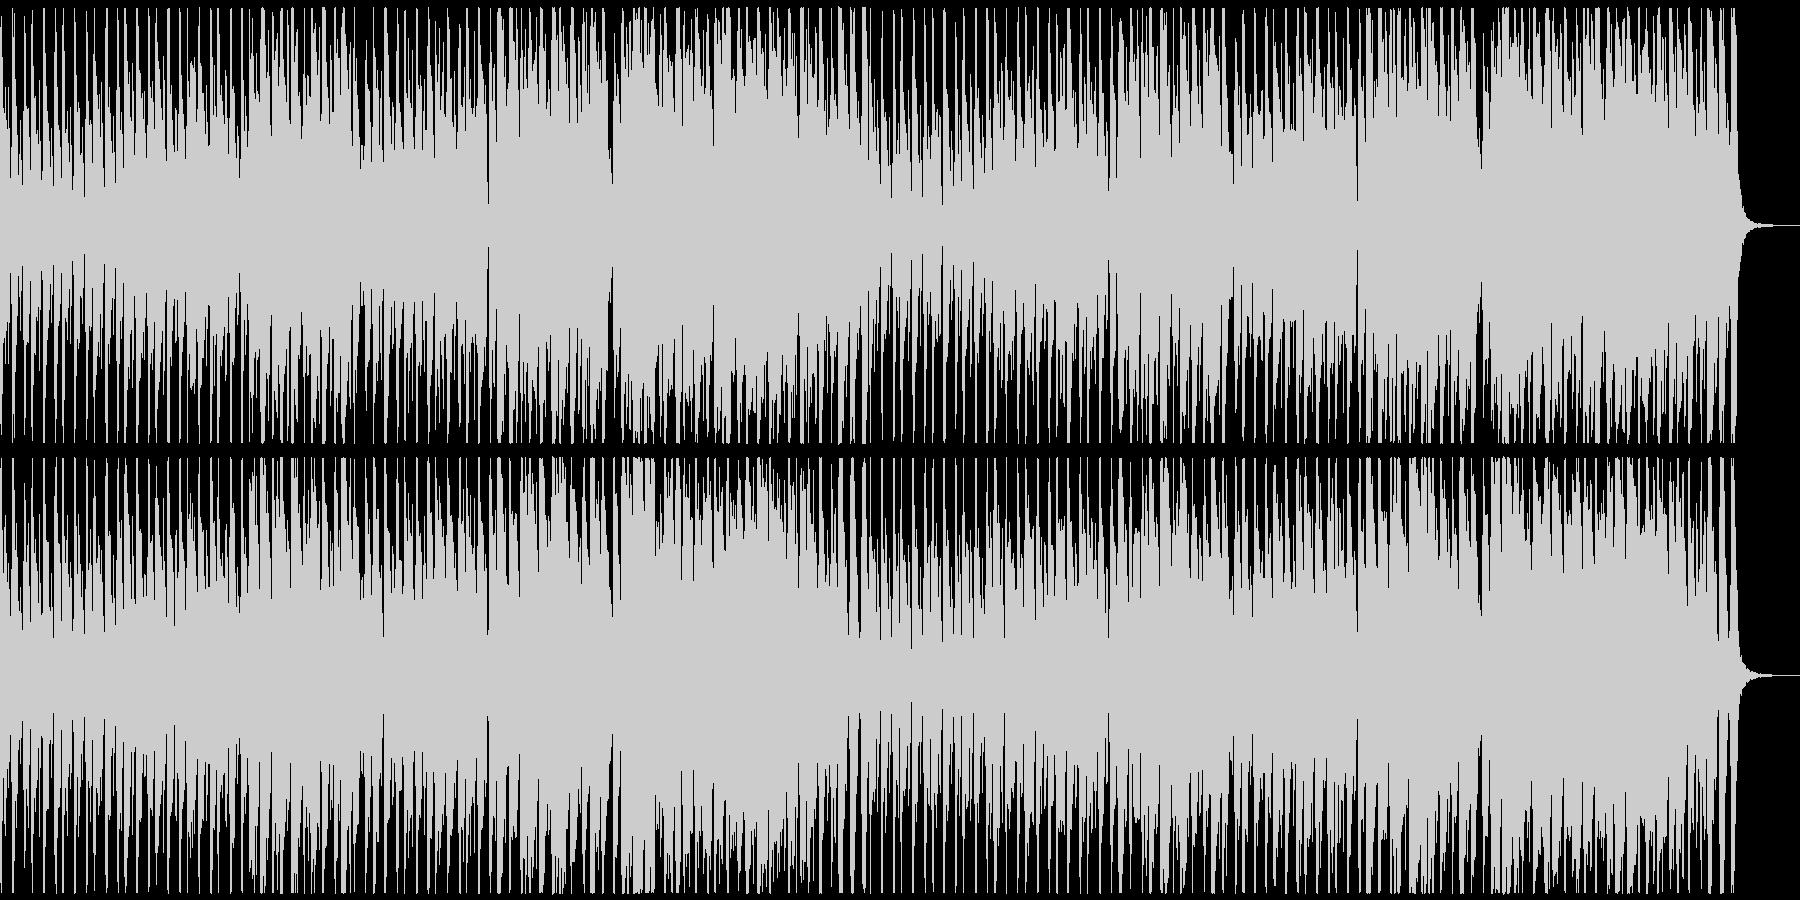 緊迫感のあるタンゴ調BGMの未再生の波形